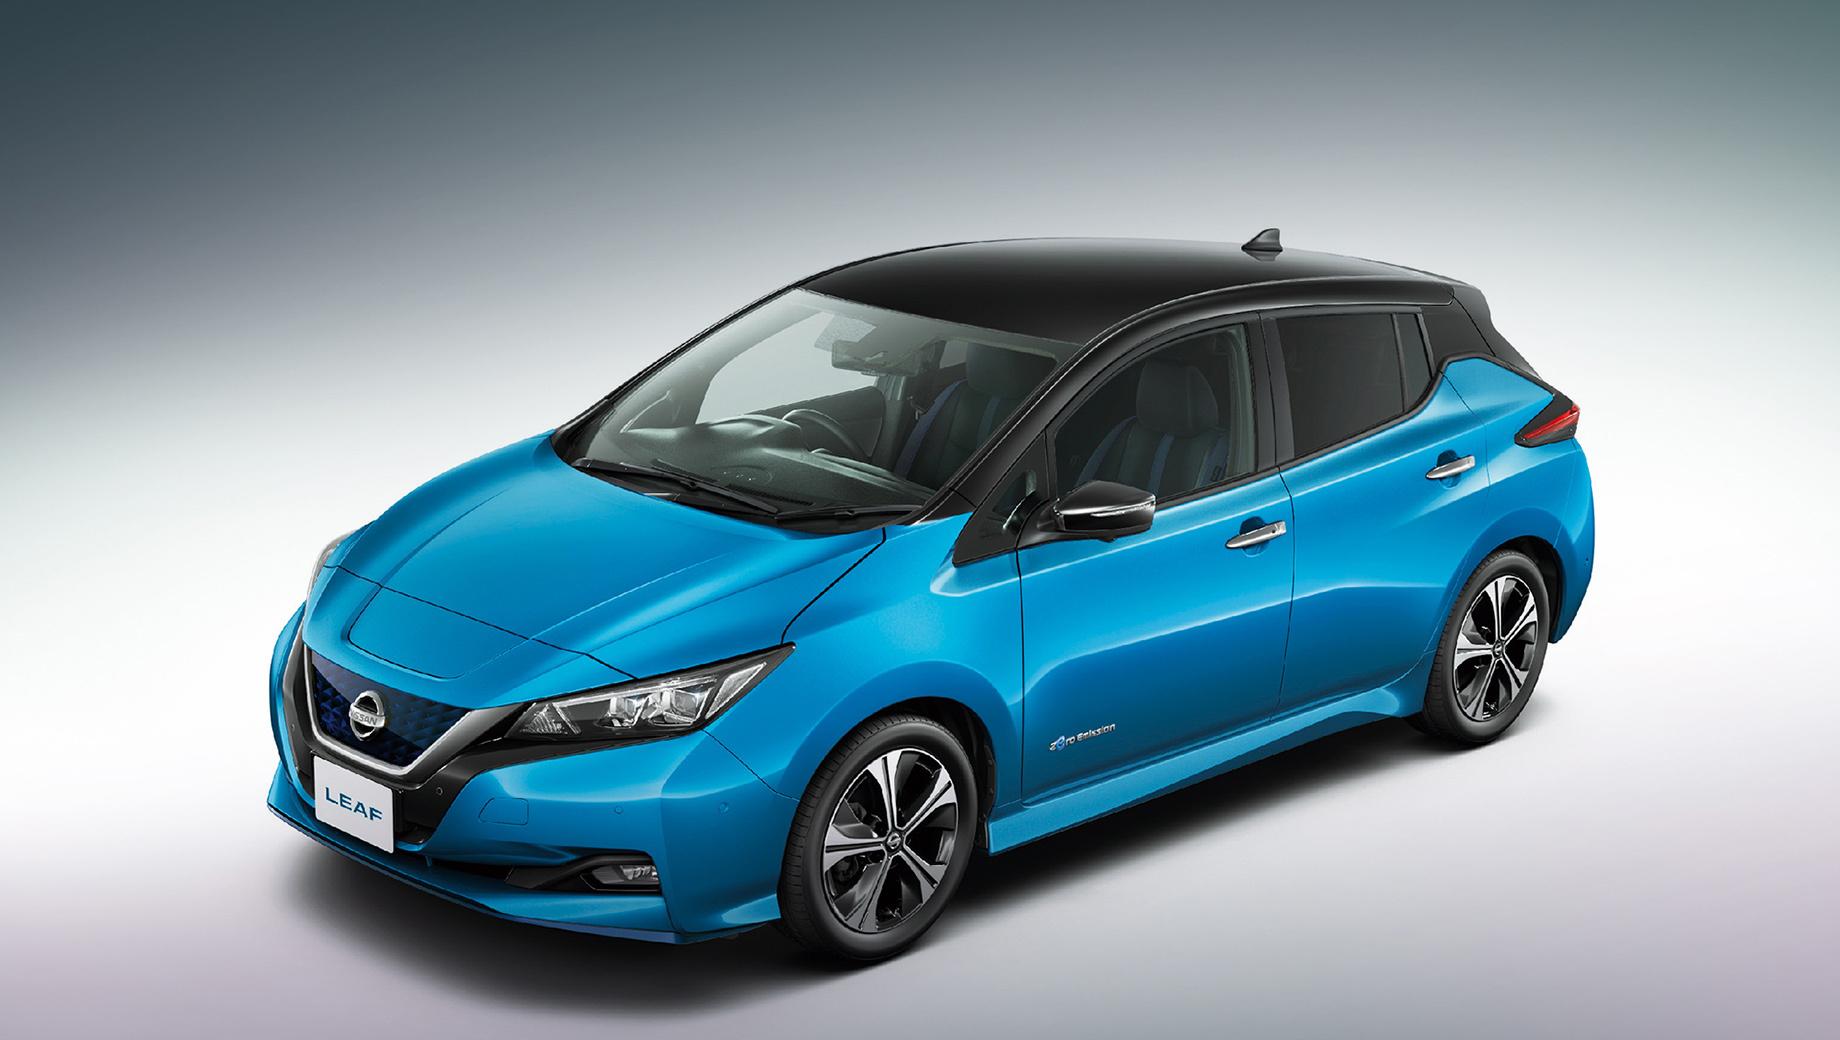 Nissan leaf. Внешность особо не затронута. Появится пара новых цветов: Vivid Blue и Stealth Gray. Антенной-плавничком теперь будут оснащаться все версии без исключения.